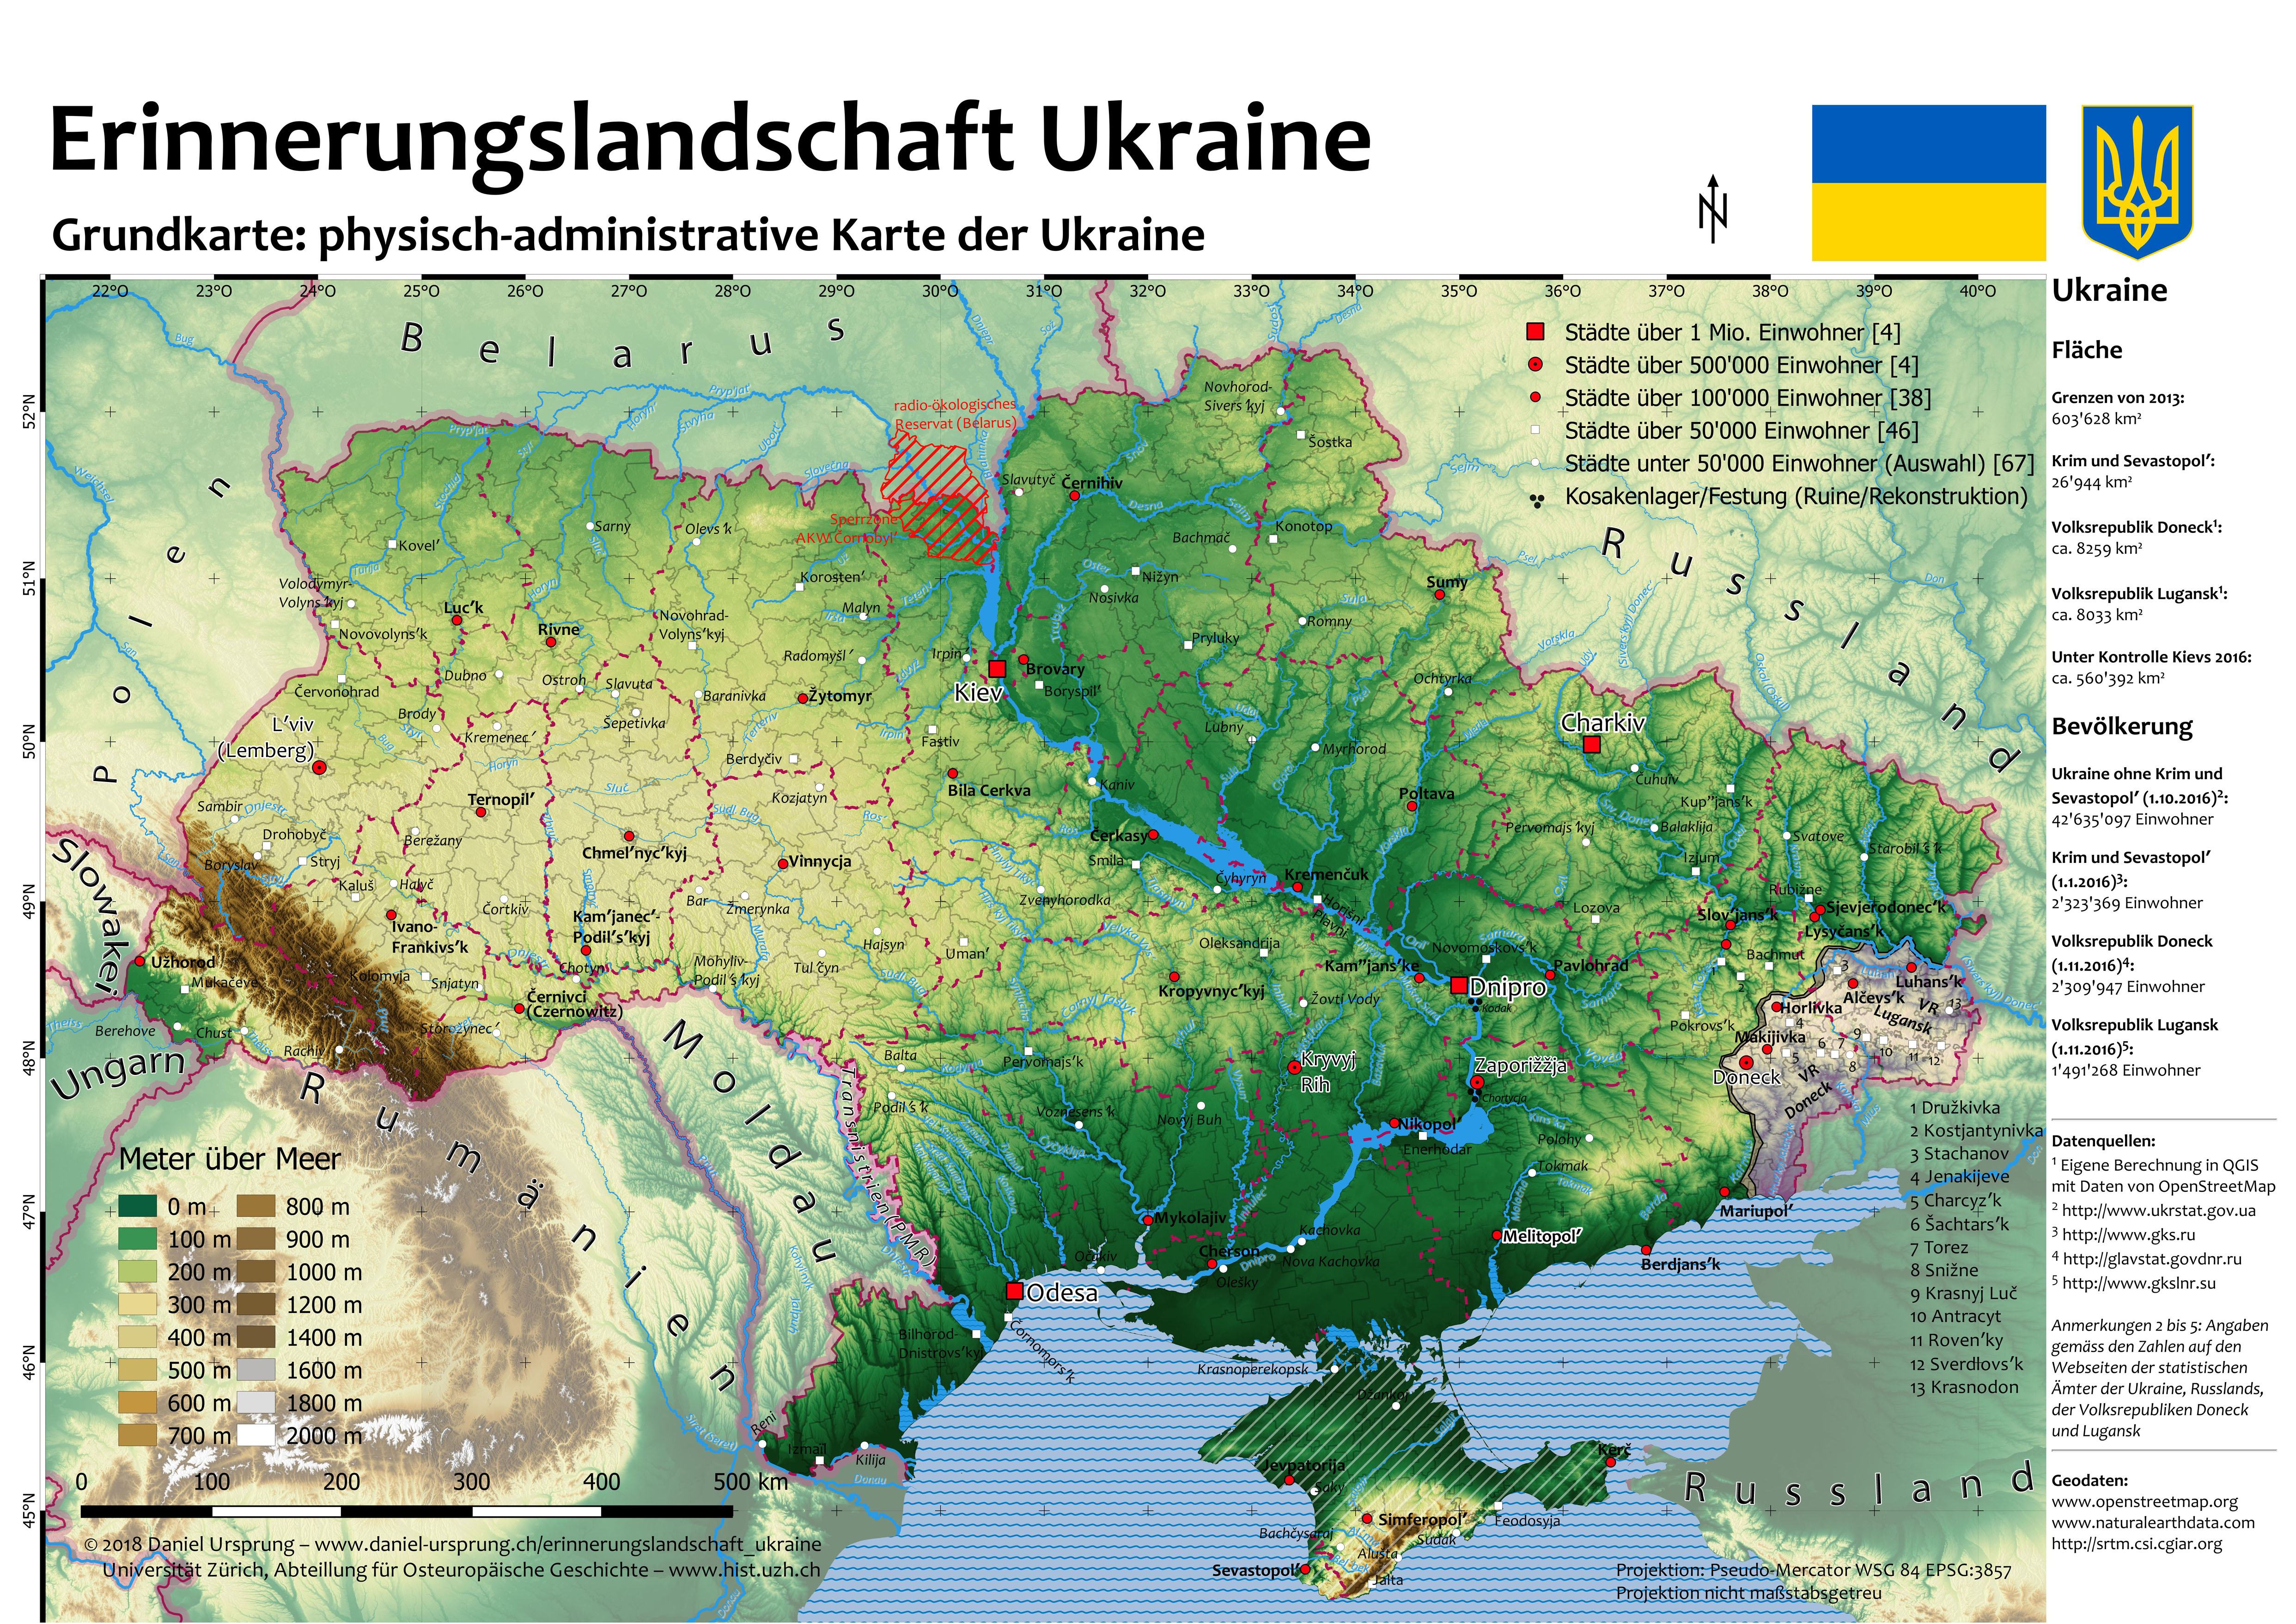 Stalingrad Karte Europa.Erinnerungslandschaft Ukraine Karten Zum Historischen Gedächtnis In